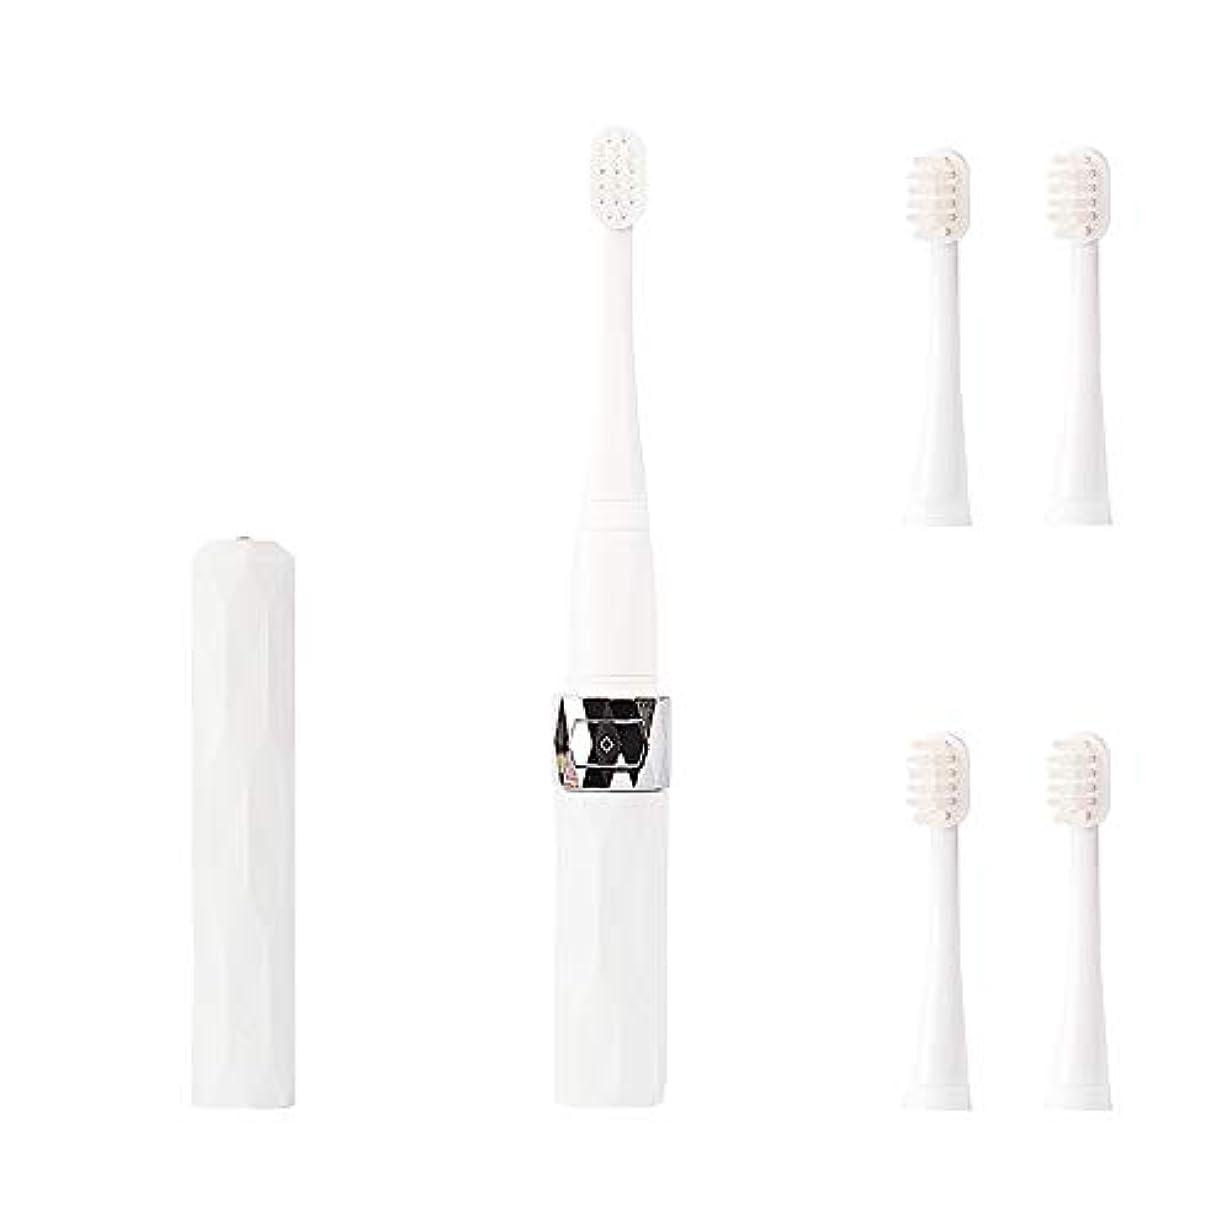 で急いで一部コリミダ(COLIMIDA) 電動歯ブラシ 子供歯ブラシ 音波振動 スマートソニック 携帯に便利な 防水式 替えブラシ4本 歯ブラシシステマ 極細毛 タイプ ルージュ ホワイト